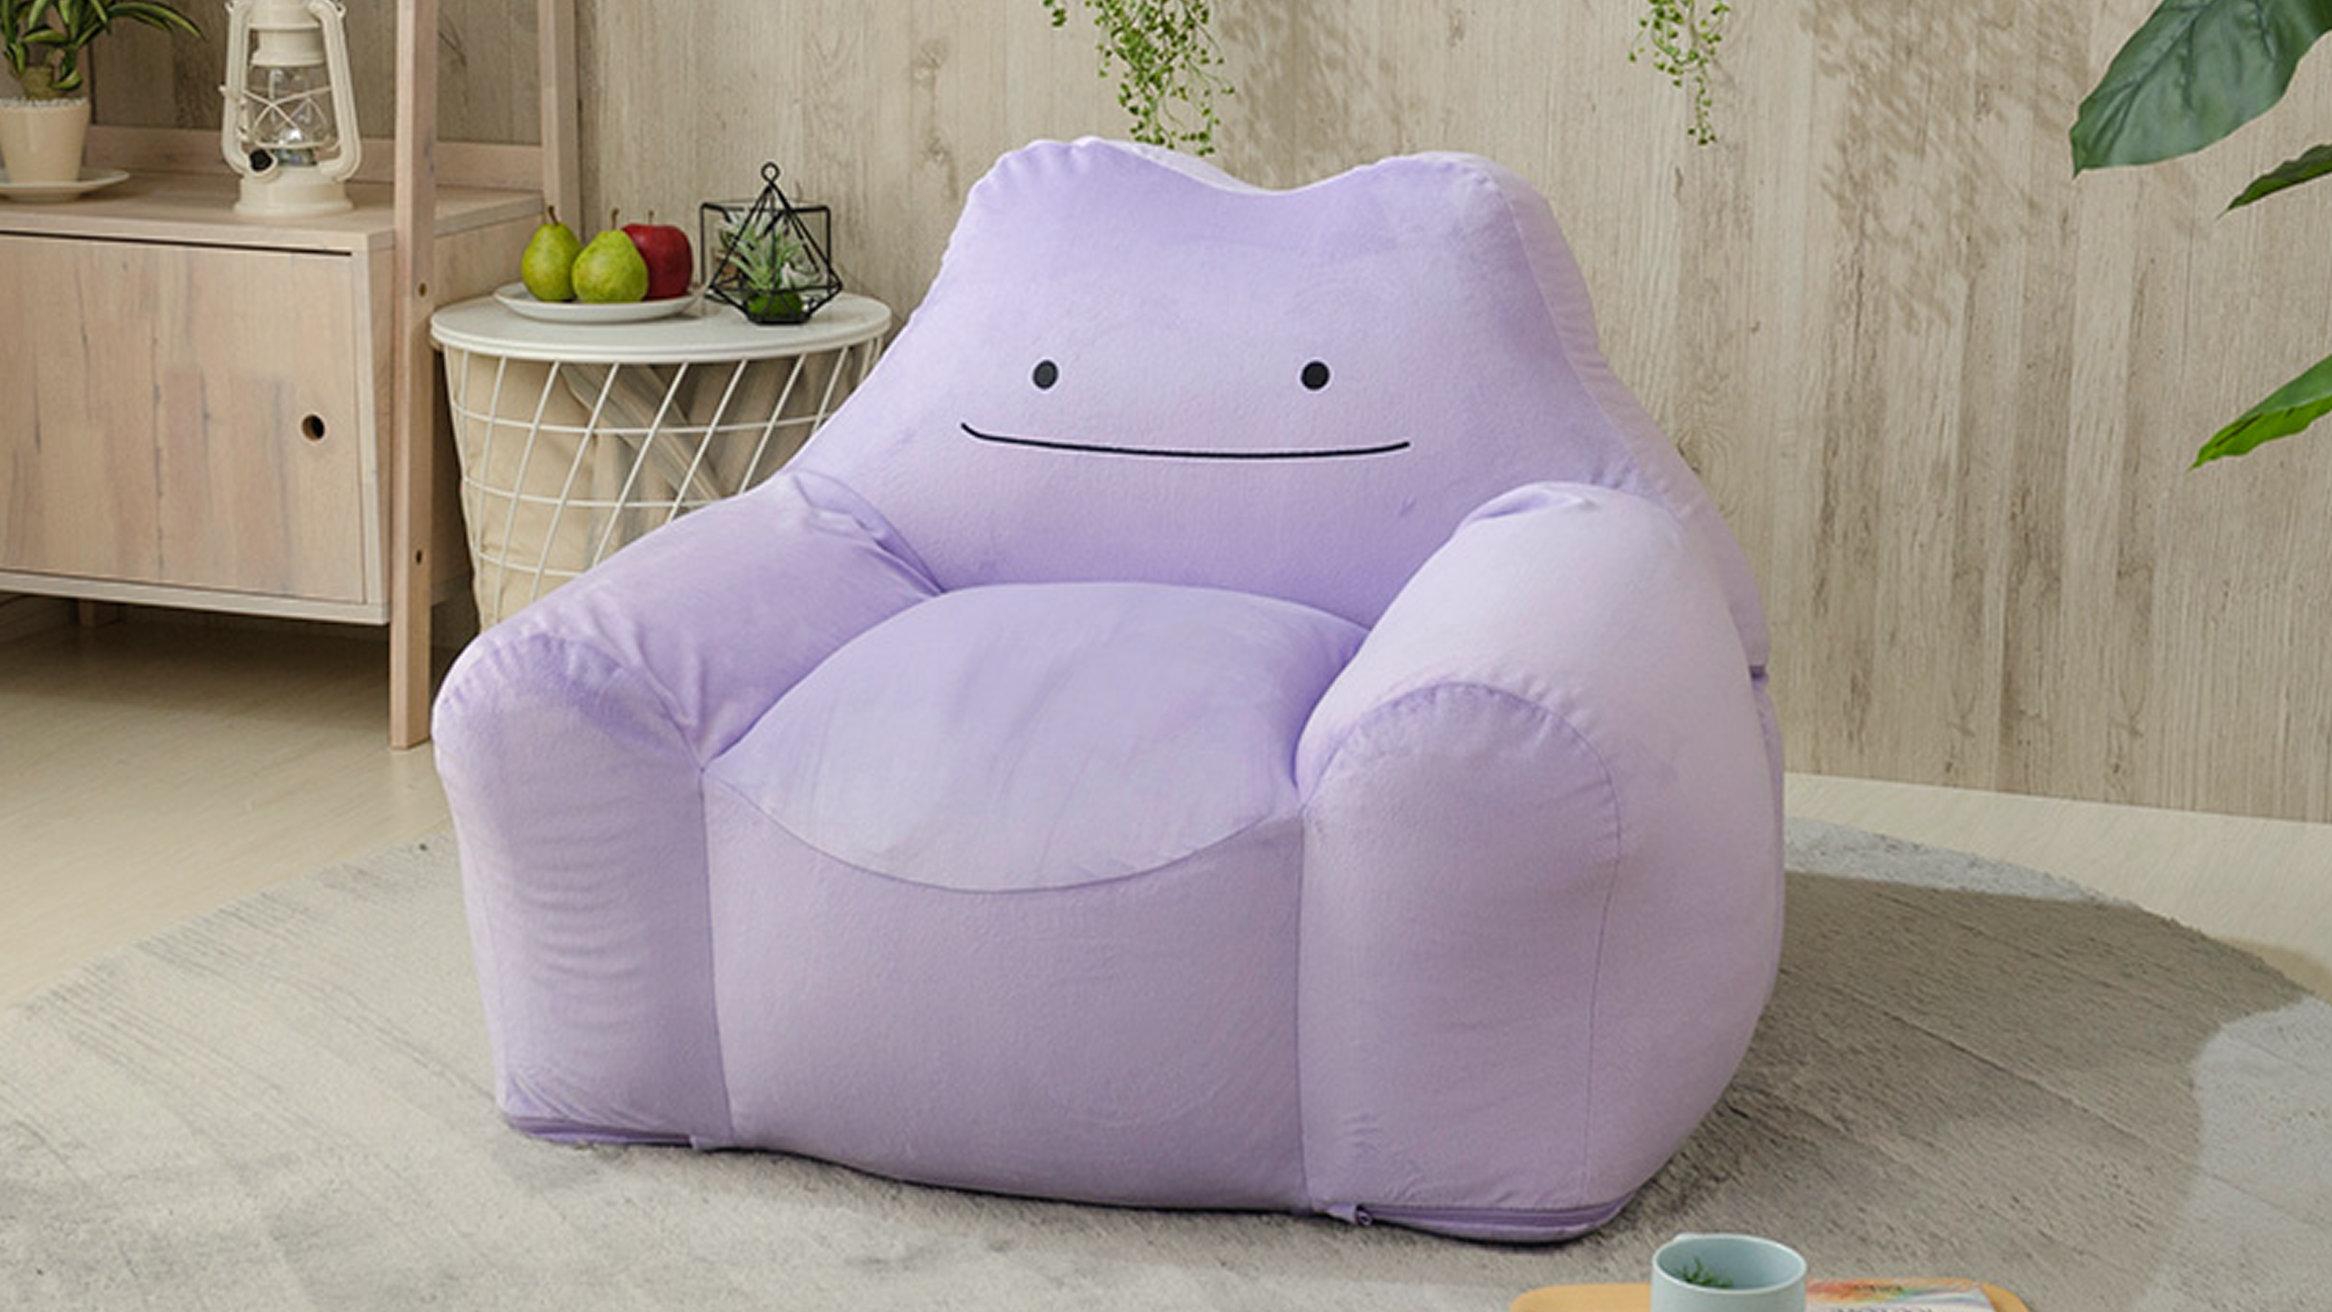 ポケモン、メタモンのソファ。もっちりと包まれる感覚